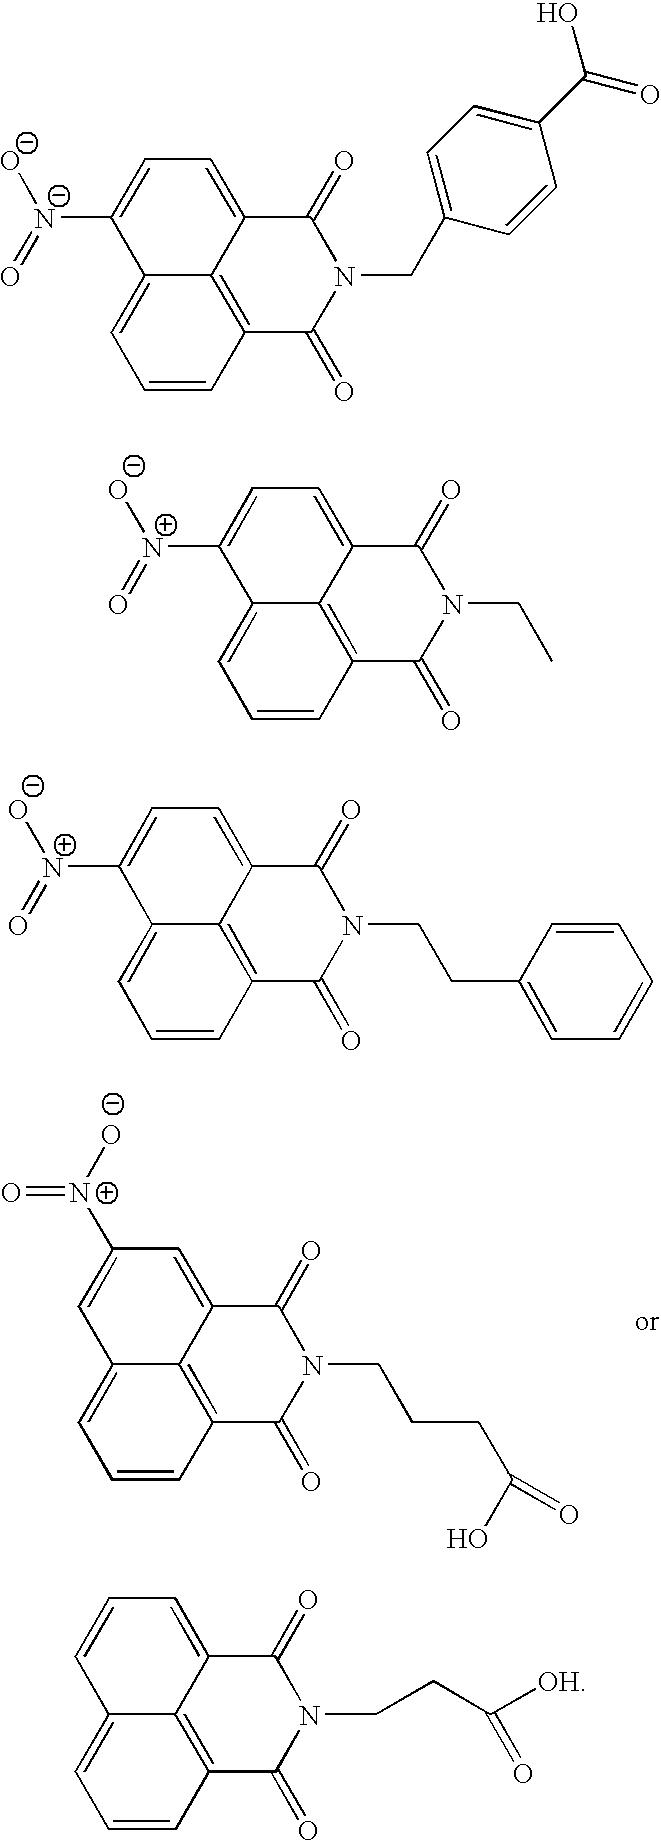 Figure US08119656-20120221-C00039